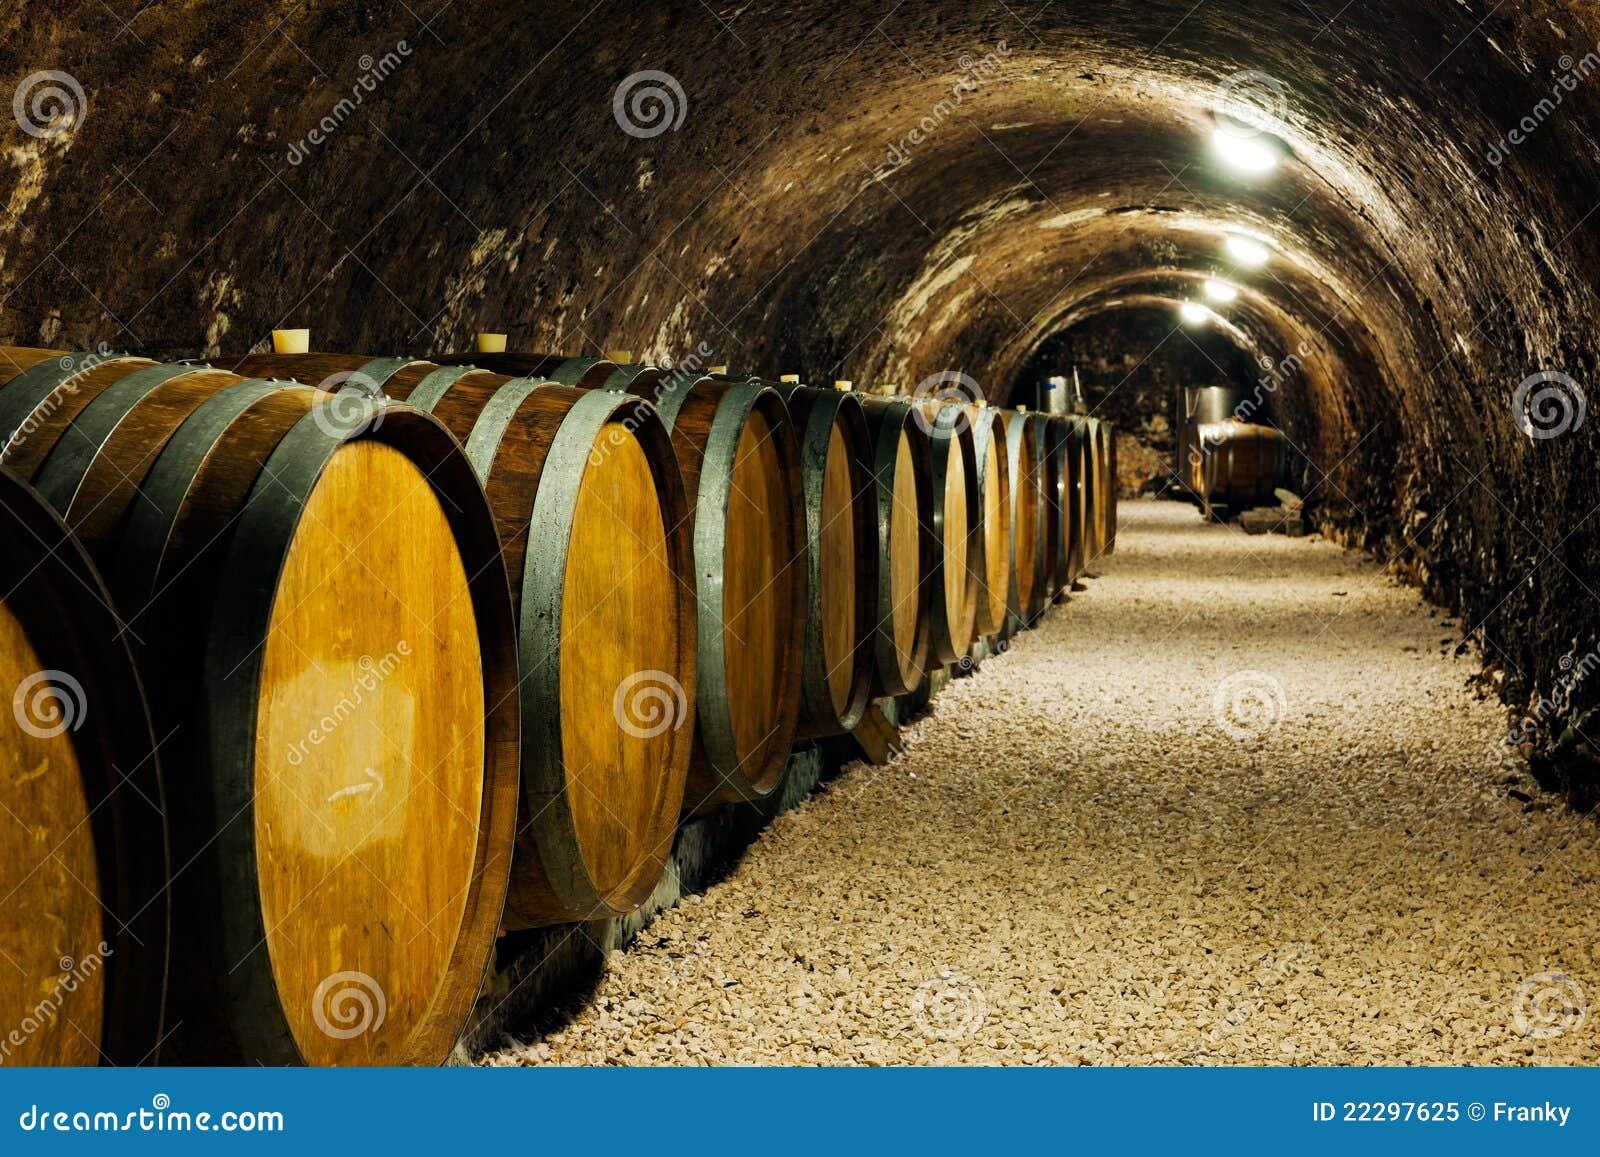 Oude wijnvatten in een wijnkelder